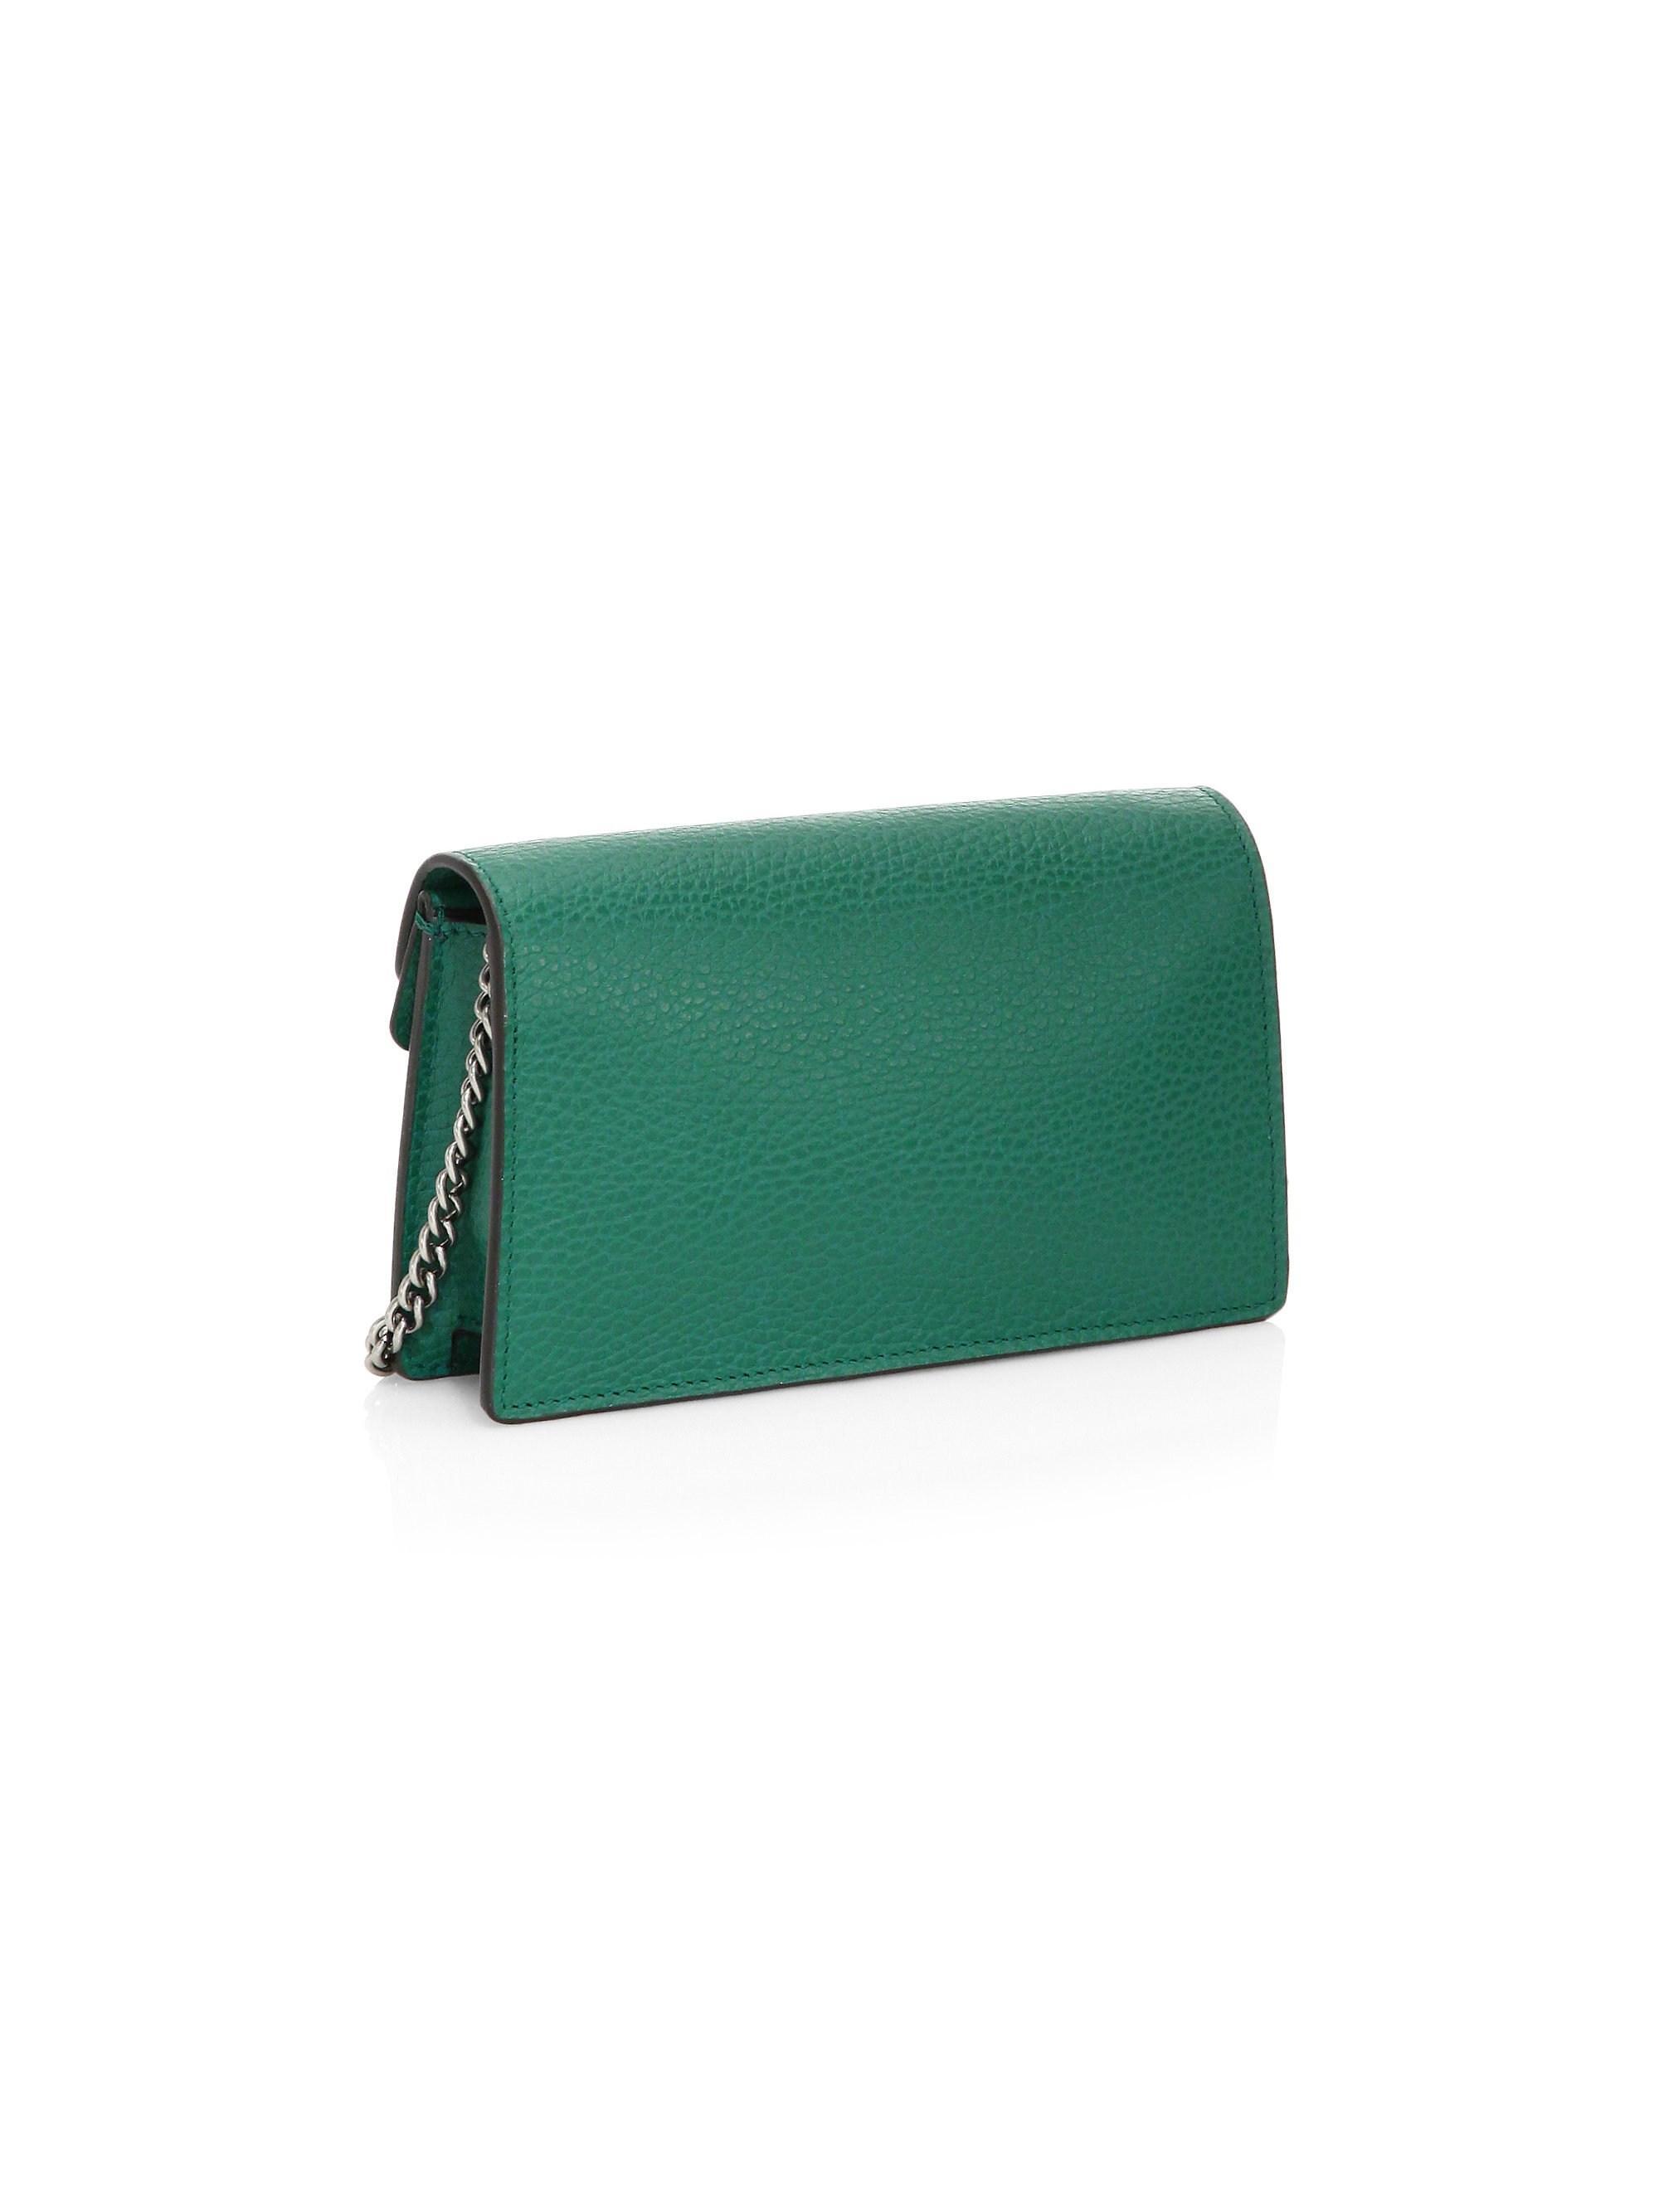 6faf23fd6613 Gucci Women's Dionysus Leather Super Mini Bag - Emerald in Green - Lyst